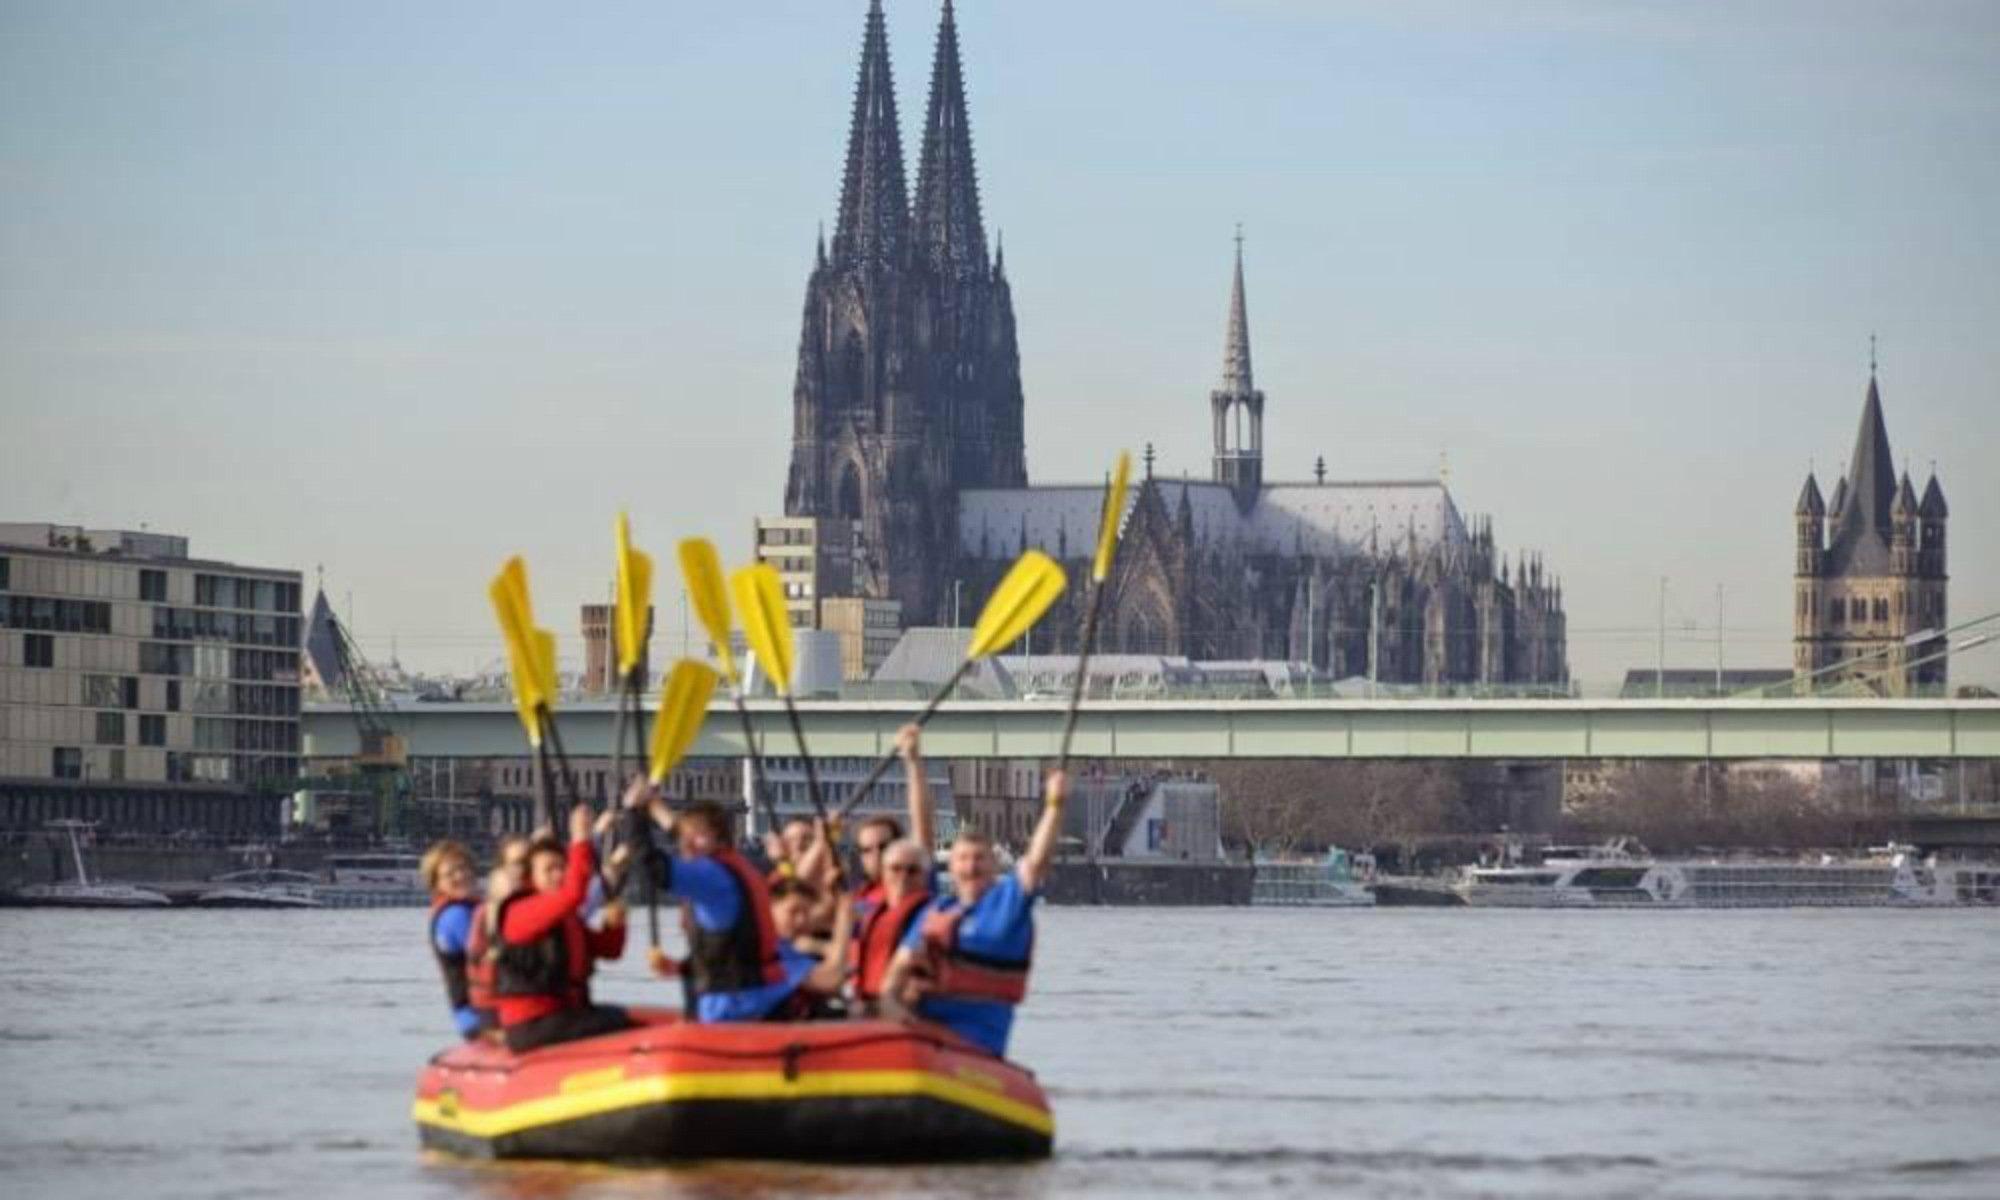 Eine Gruppe sitzt beim Rafting in NRW in einem Schlauchboot vor der Skyline von Köln.